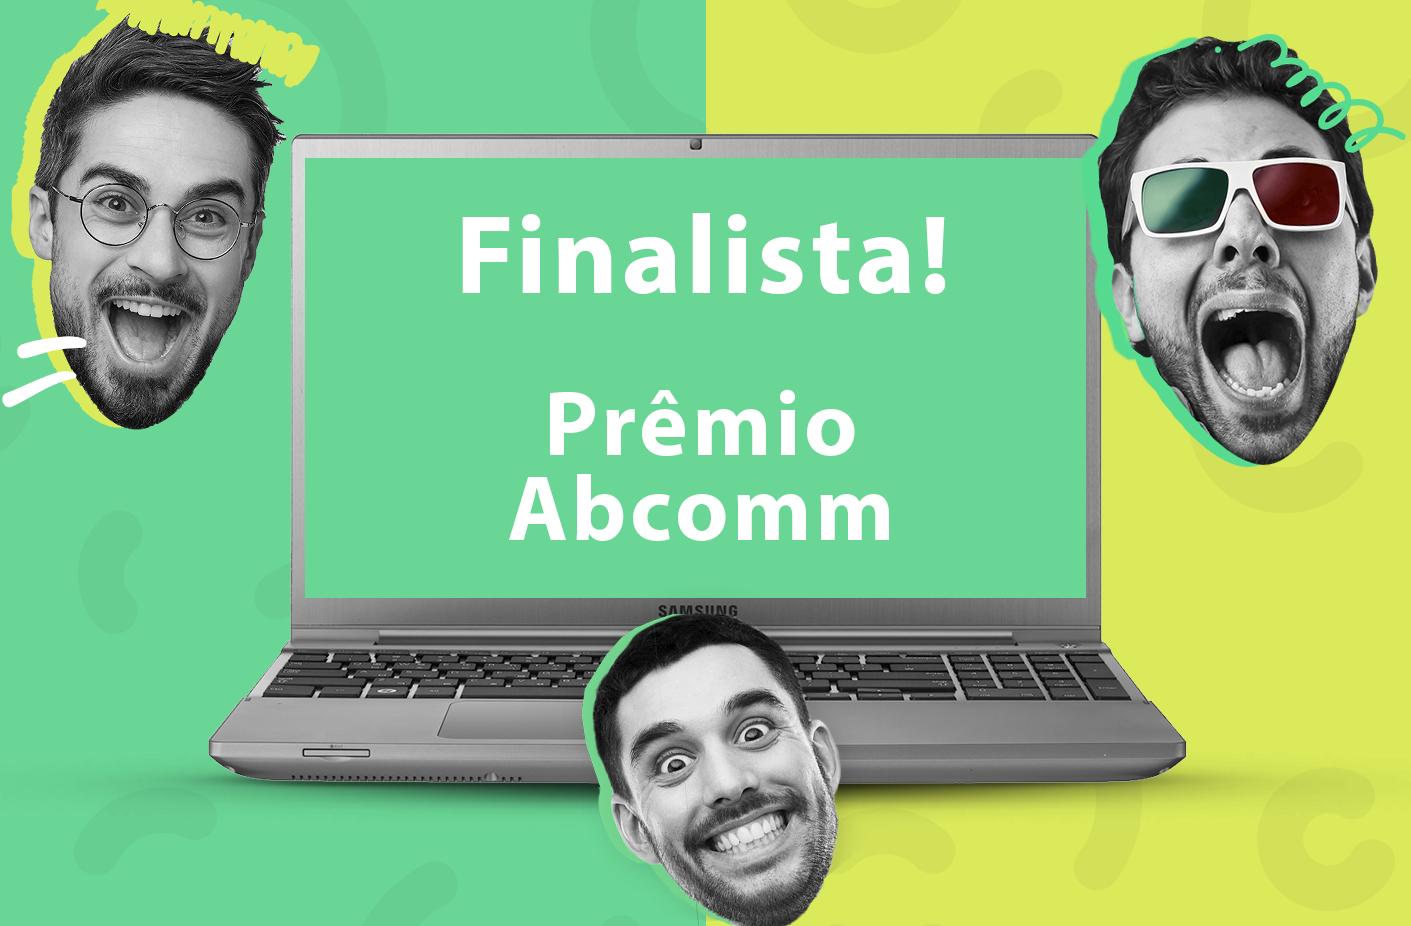 PRÊMIO ABCOMM 2020: AINDA DÁ TEMPO DE VOTAR NO BLING!